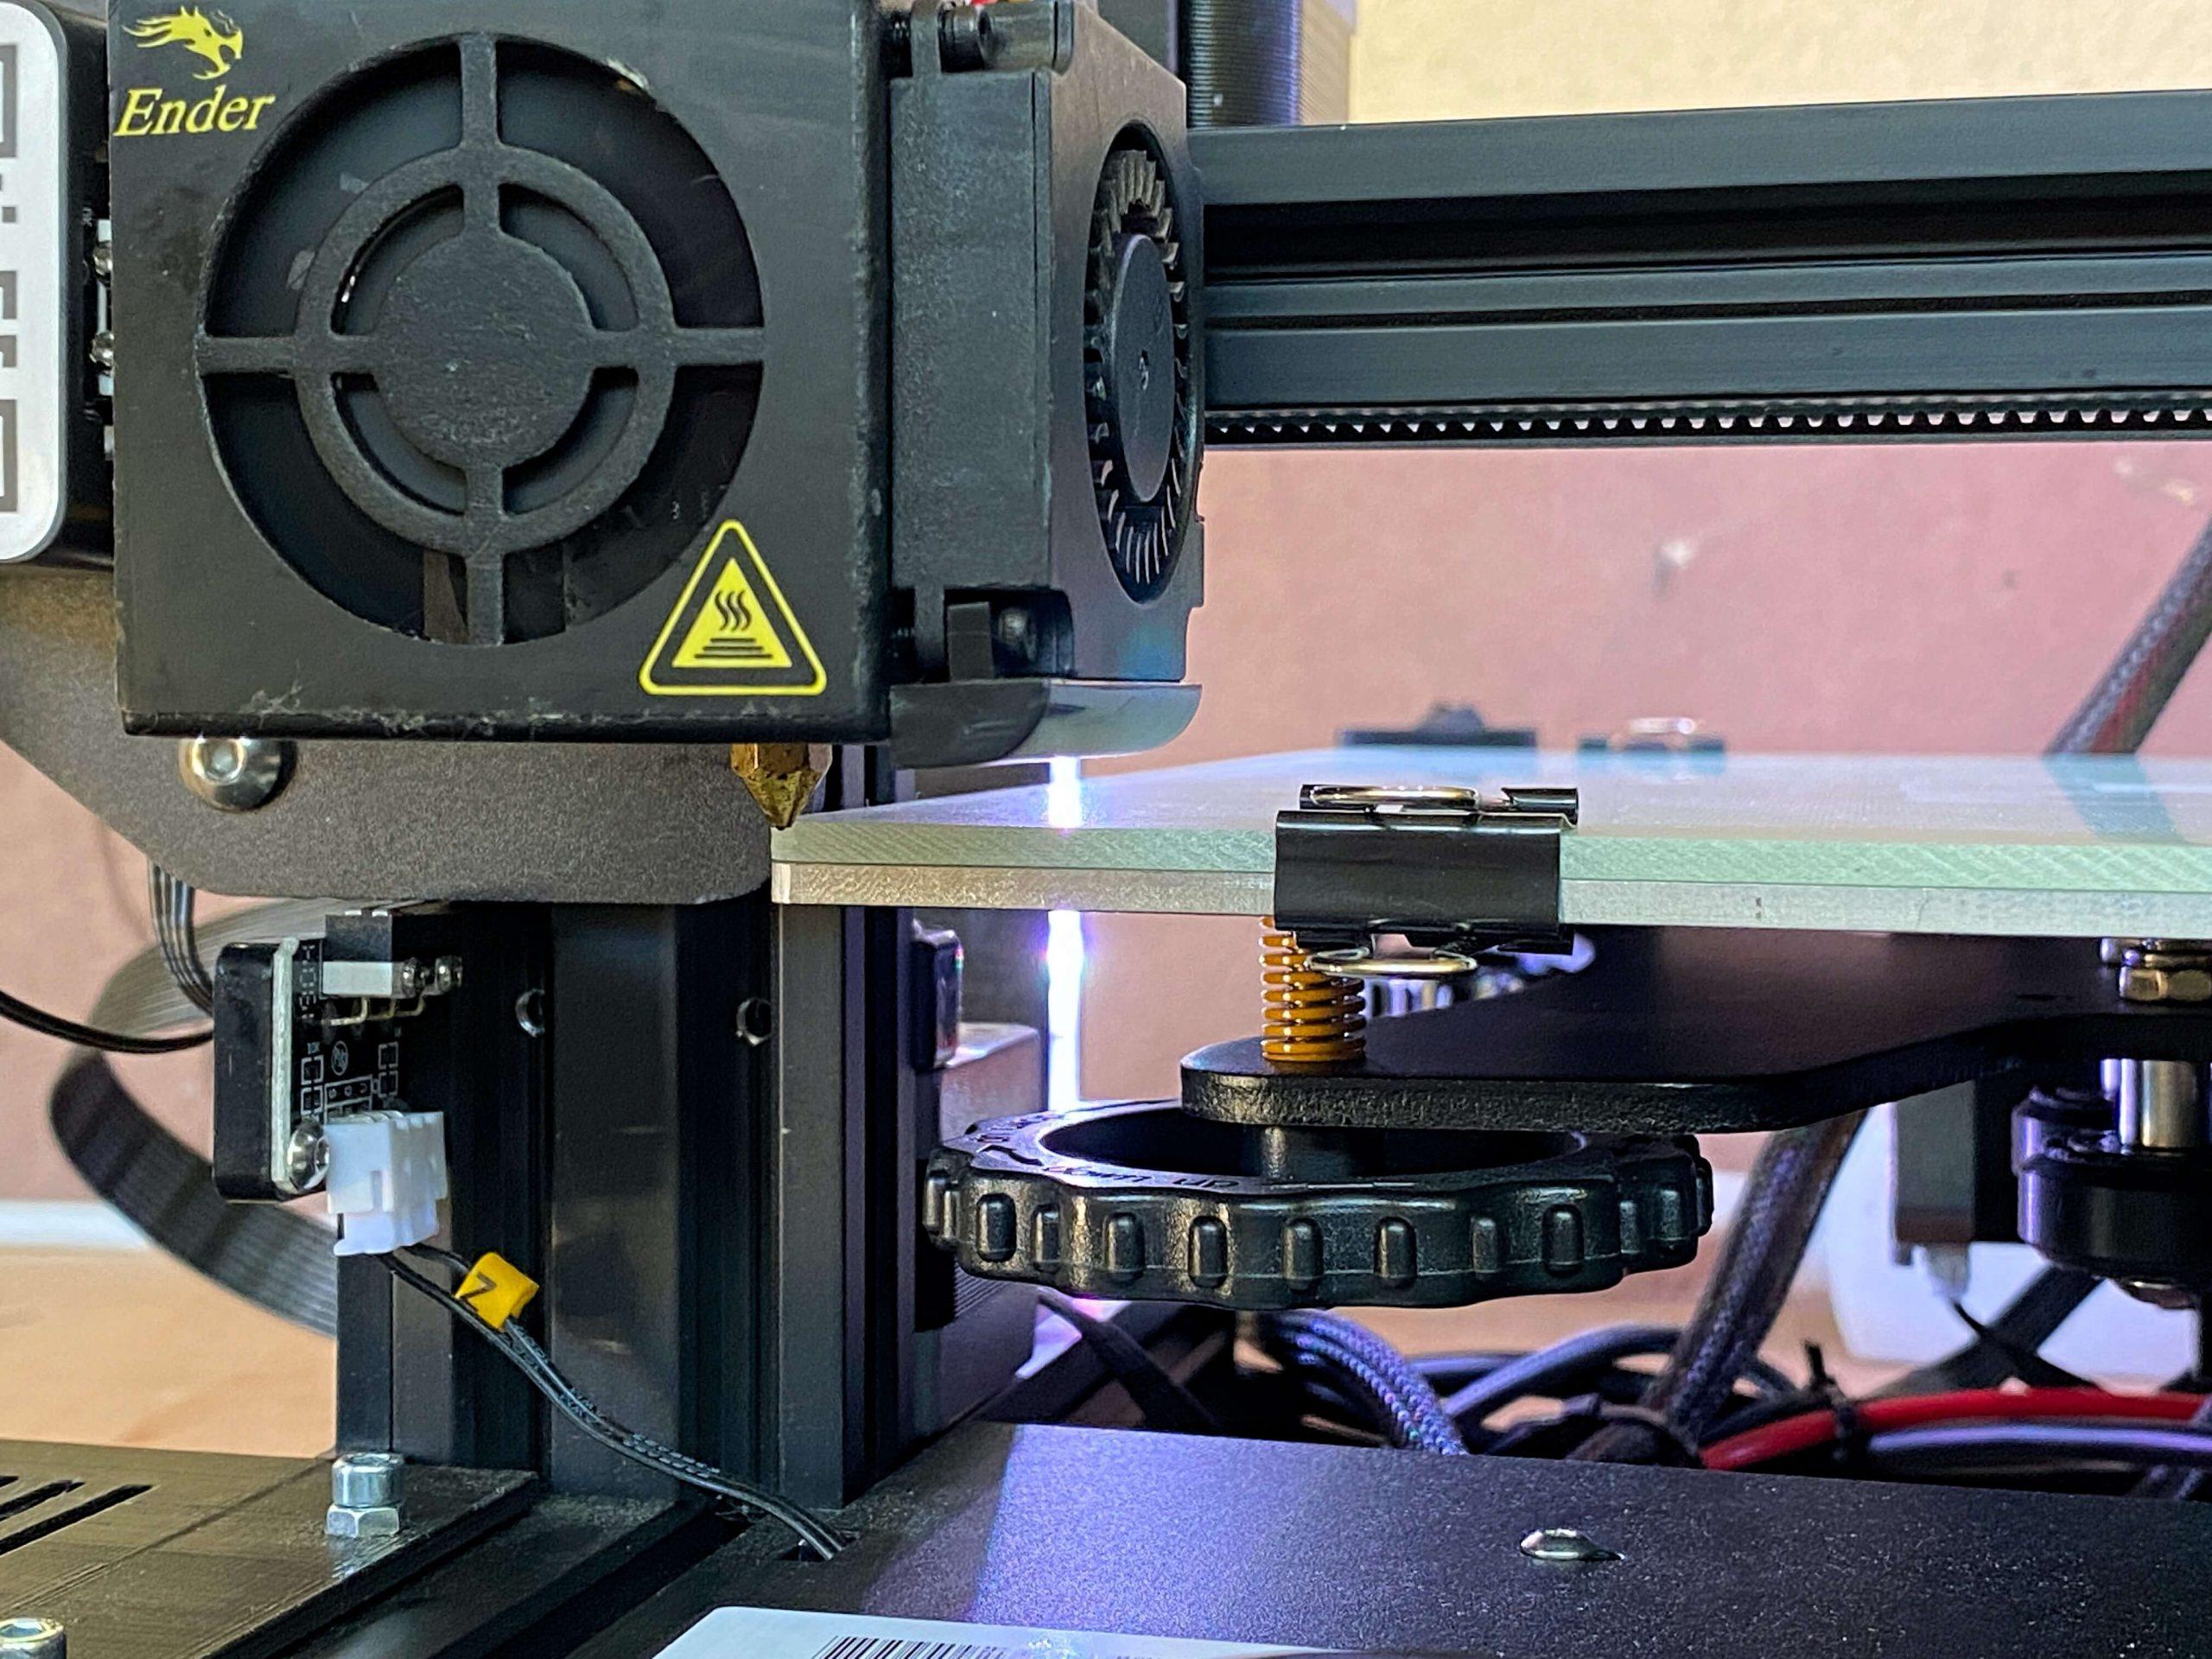 Ender-3-von-Creality-der-3D-Drucker-für-den-Einsteiger-und-Fortgeschrittenen4-scaled Ender 3 von Creality - der 3D-Drucker für den Einsteiger und Fortgeschrittenen